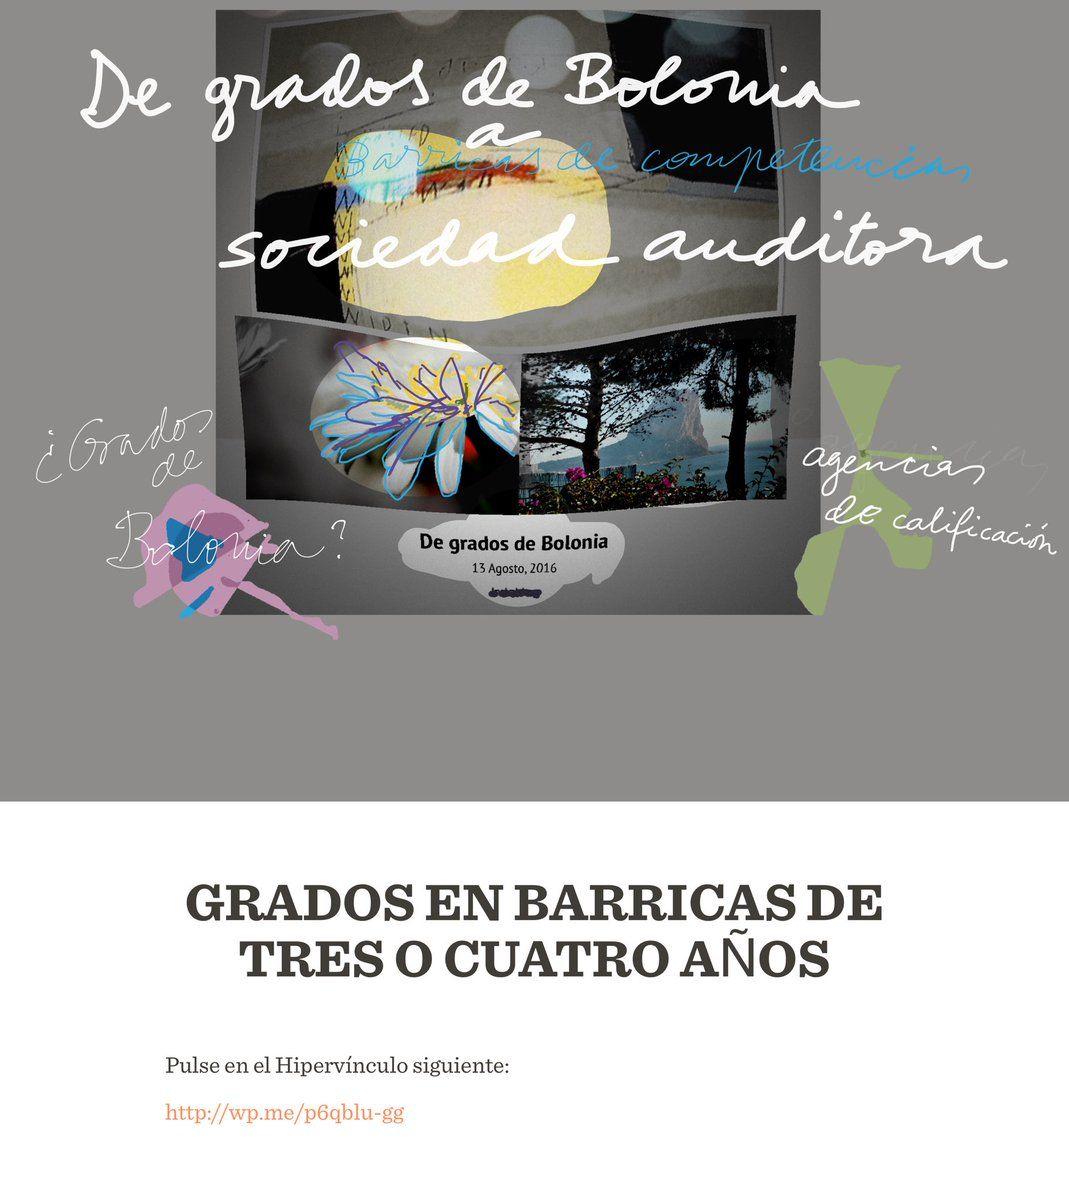 """Luis M Villar Angulo on Twitter: """"#Universidad. De grados de Bolonia a sociedad auditora. Pulse en https://t.co/WEPyK7uviR https://t.co/FERgwhmHJp"""""""